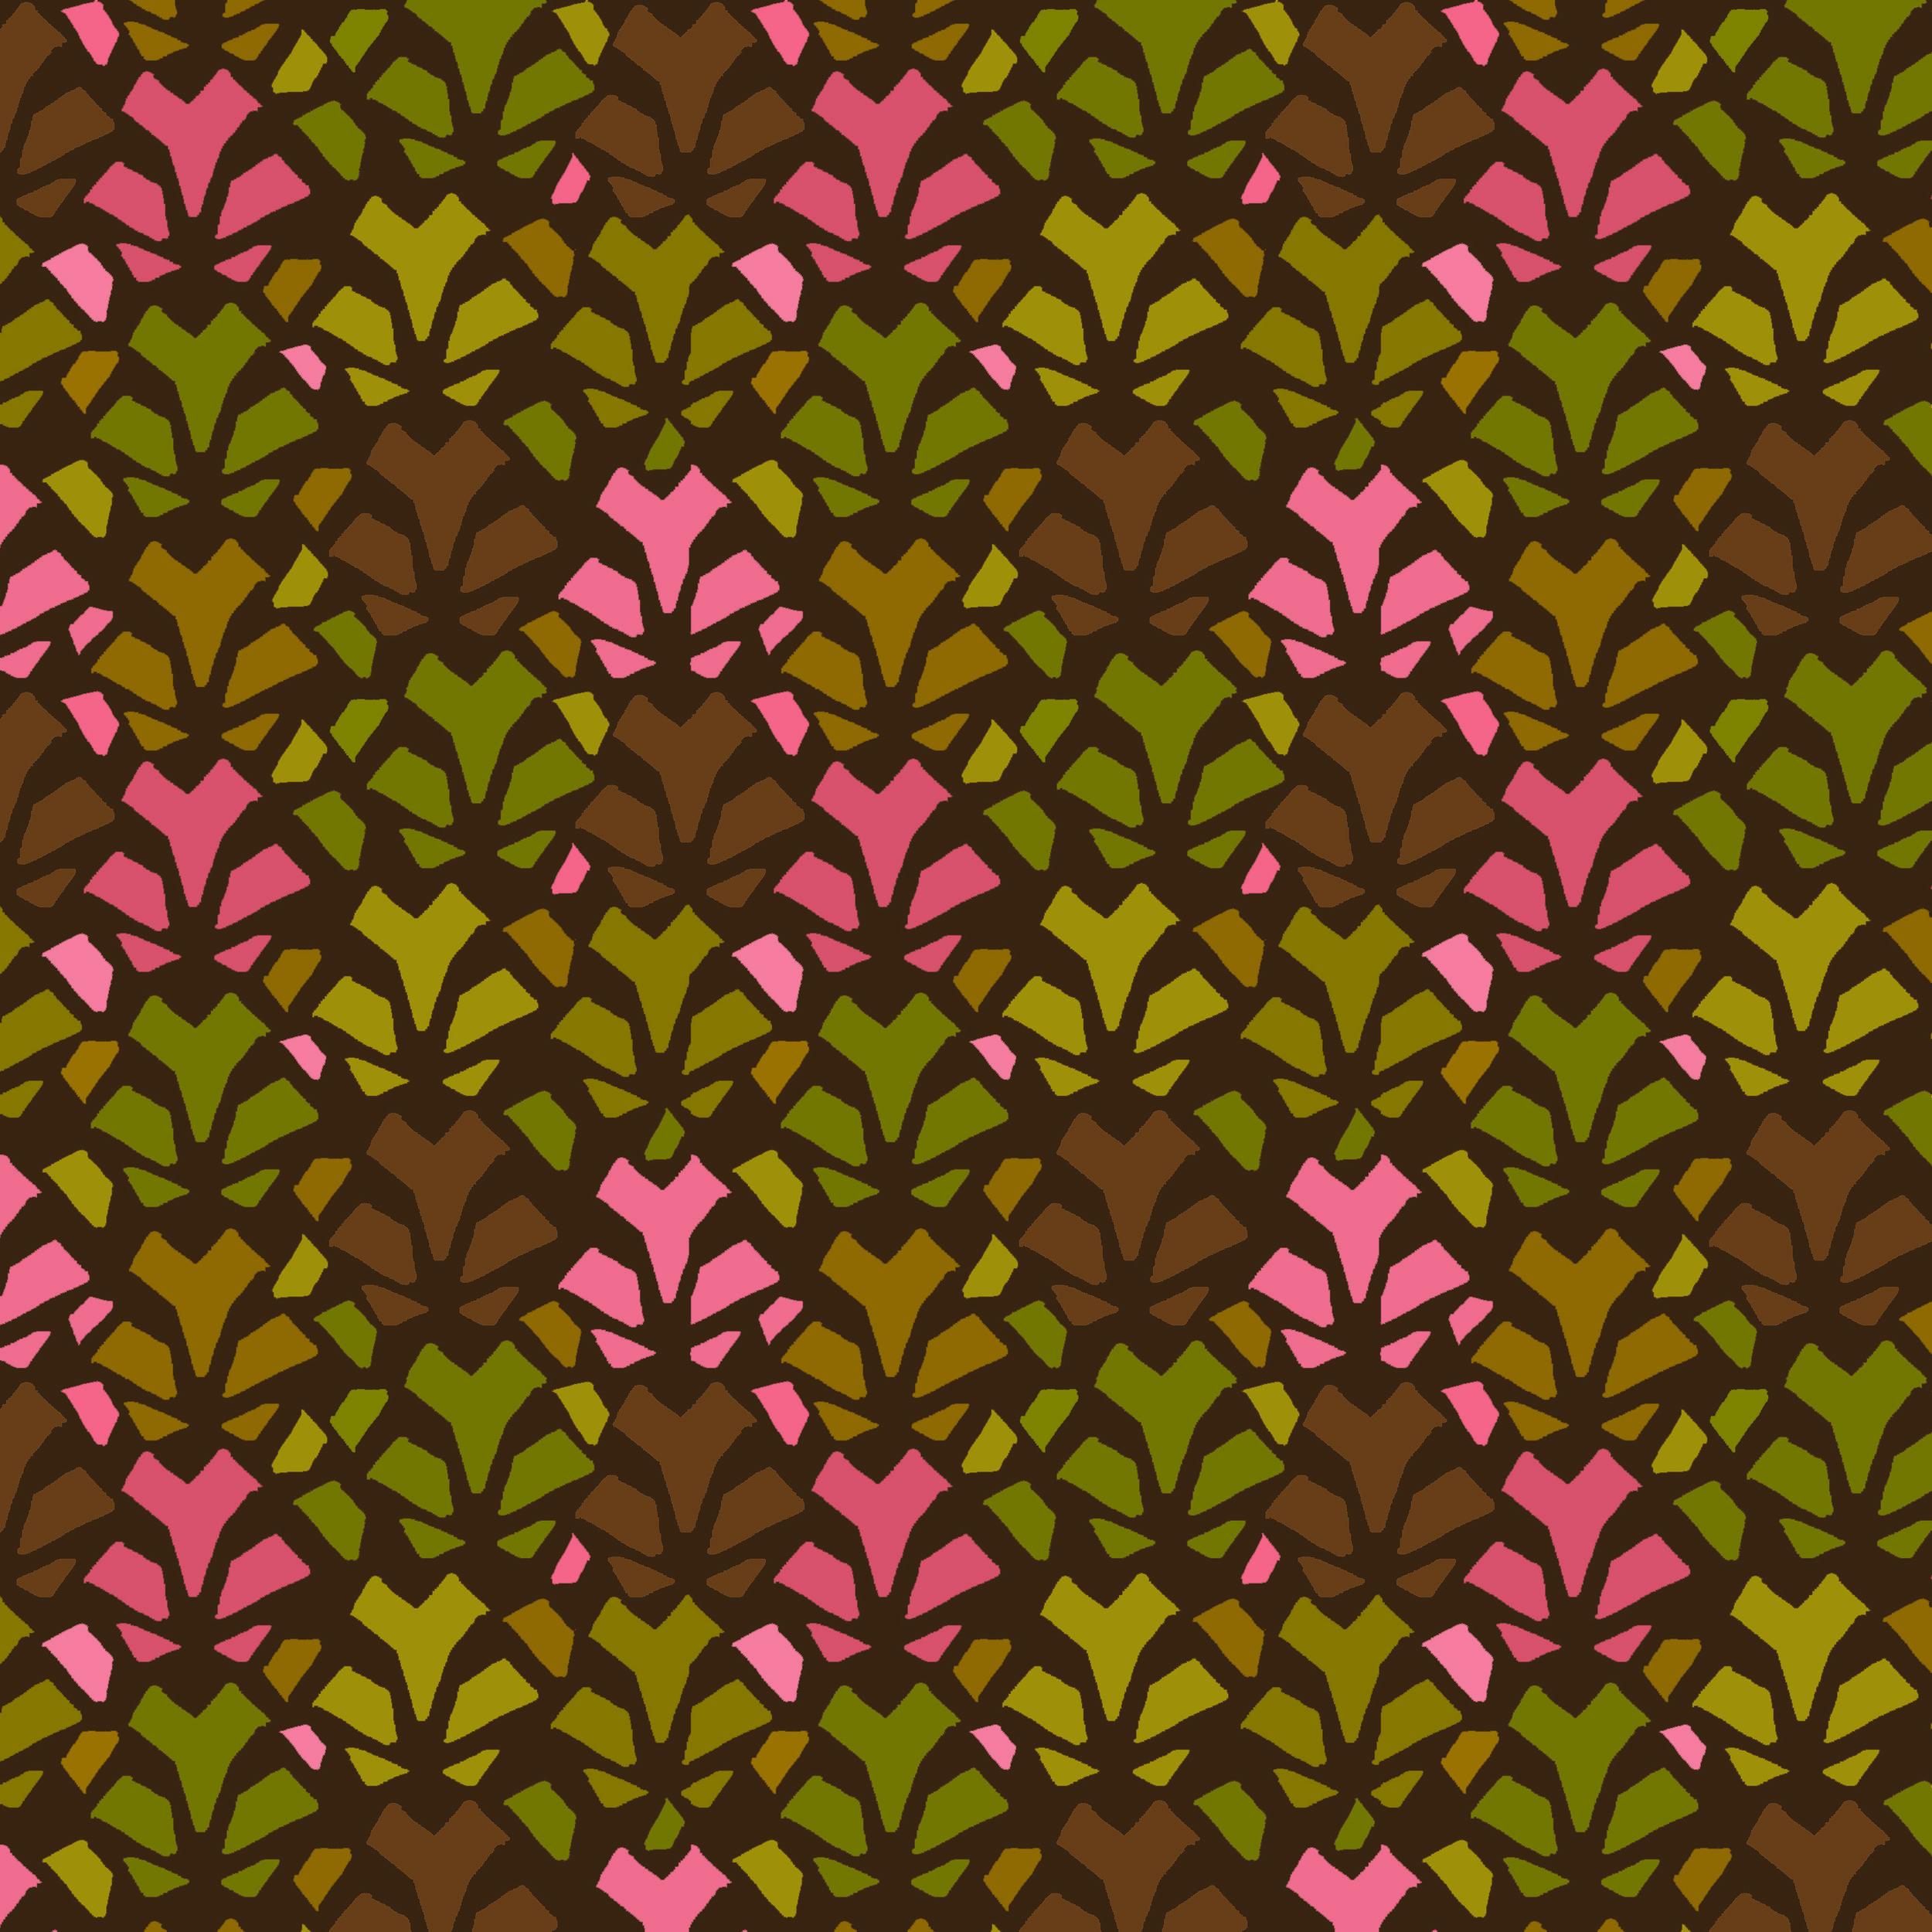 african pattern blender 2 (multiple) drk bgrnd.jpg